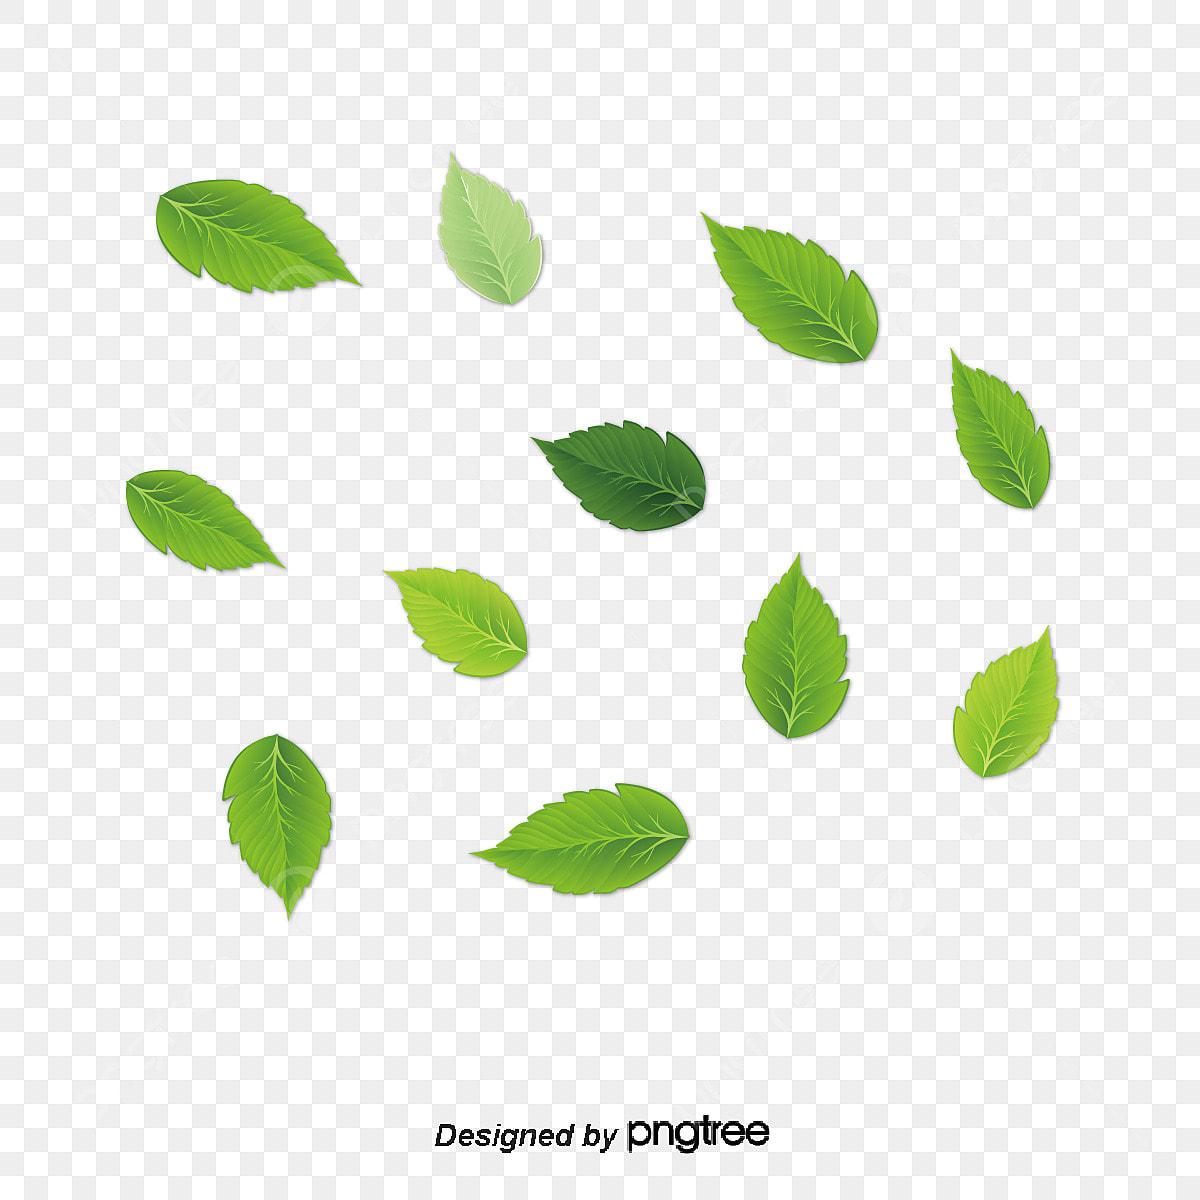 Leaves Clipart Green Tea Leaf, Leaves Green Tea Leaf - Green Leaf Png  Vector Transparent Png (#4998359) - PinClipart